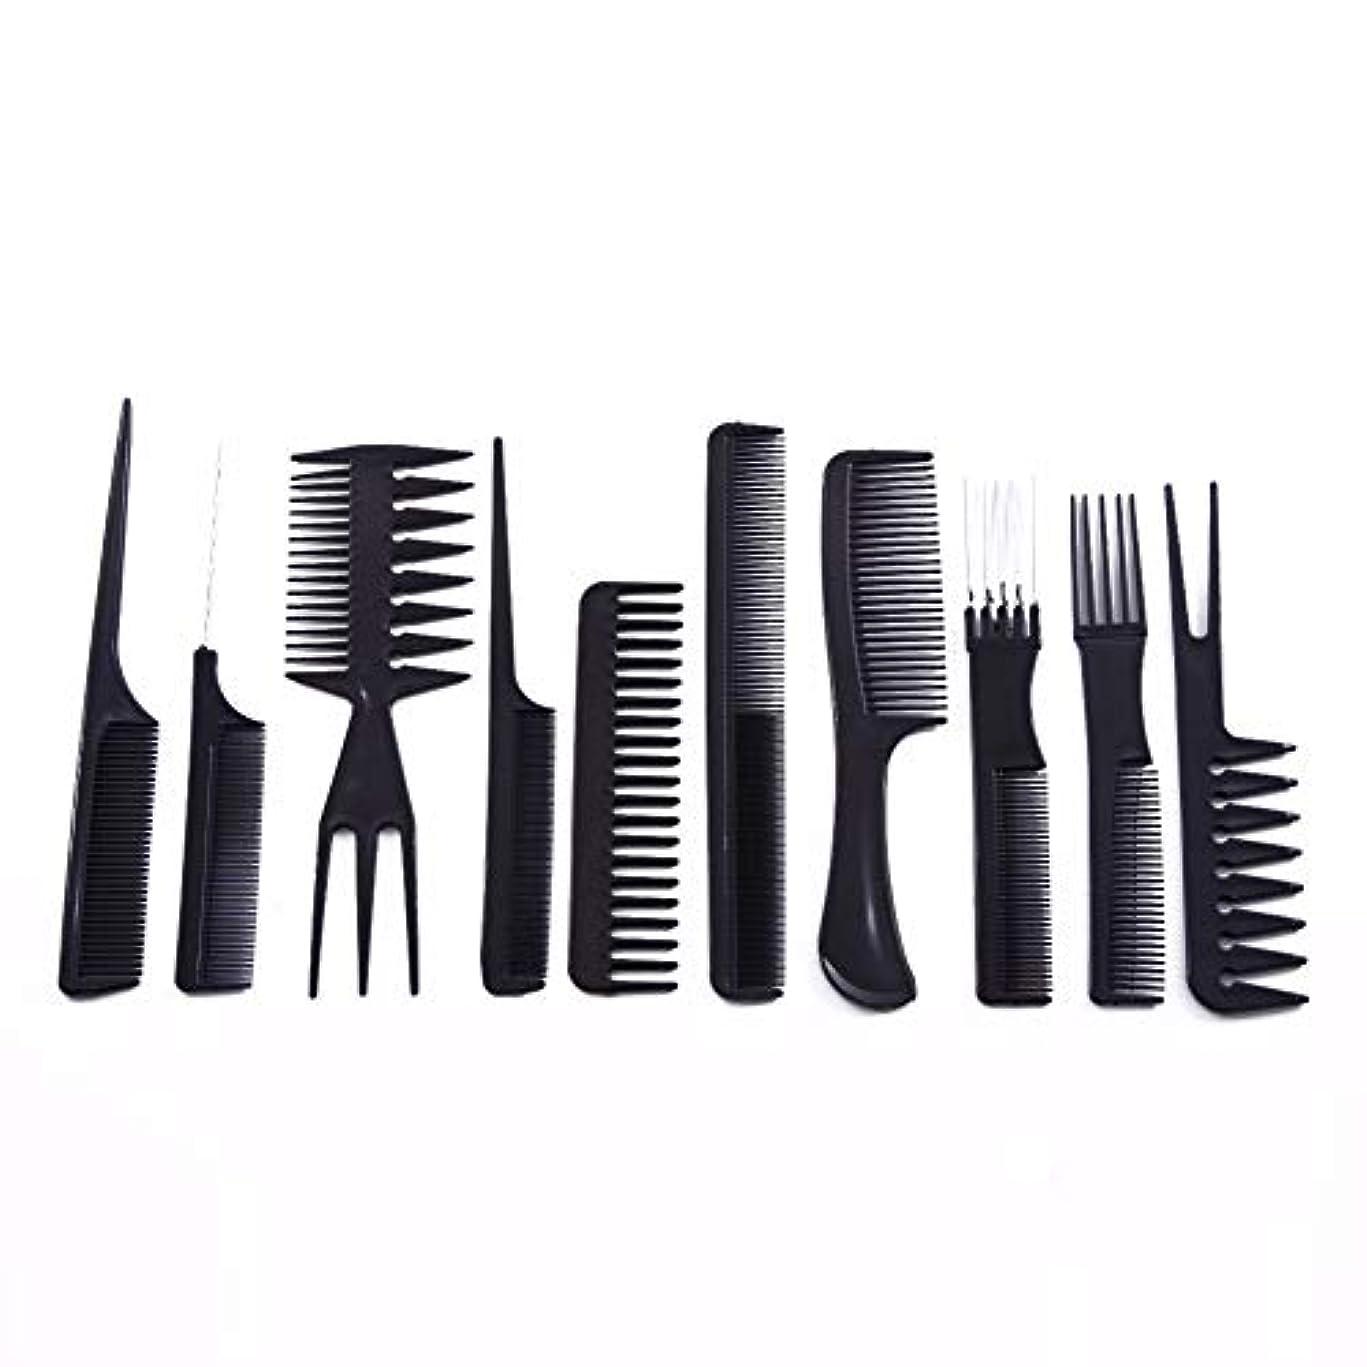 引っ張るシンポジウムプレミアム10ピース/セットプロのヘアブラシ櫛サロン理容帯電防止ヘアコームヘアケアスタイリングツール用すべての髪タイプ